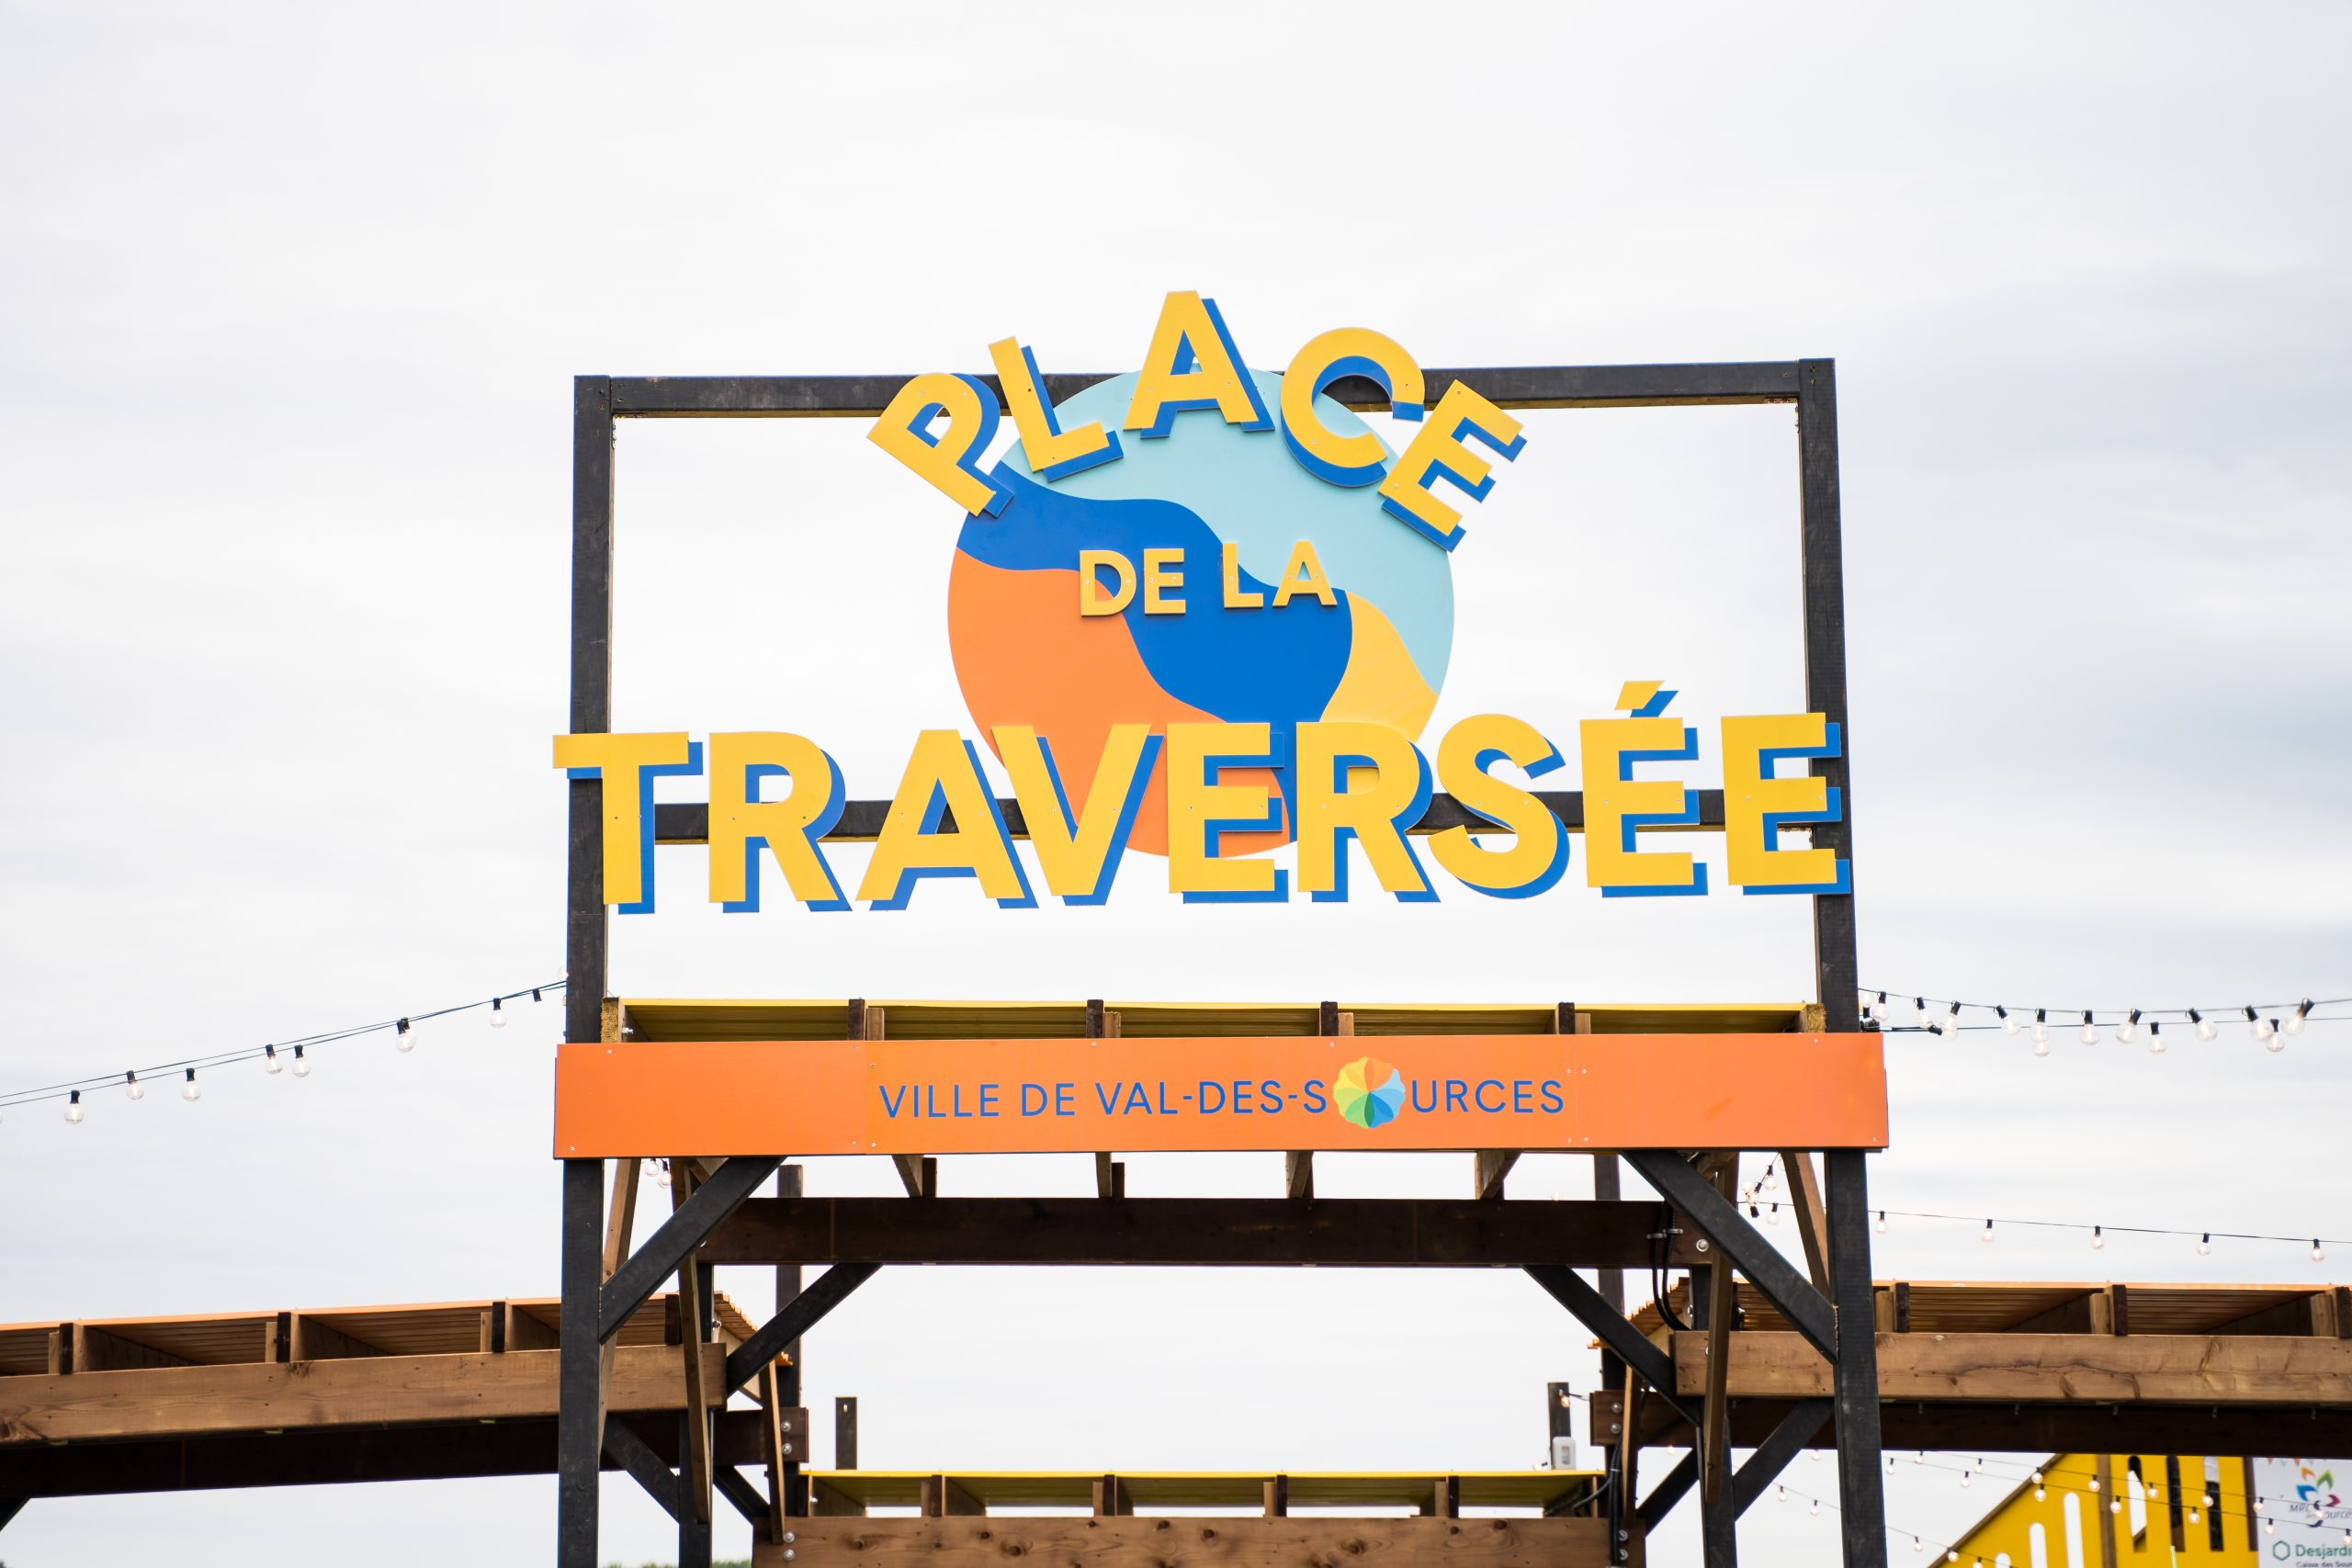 Place de la Traversée